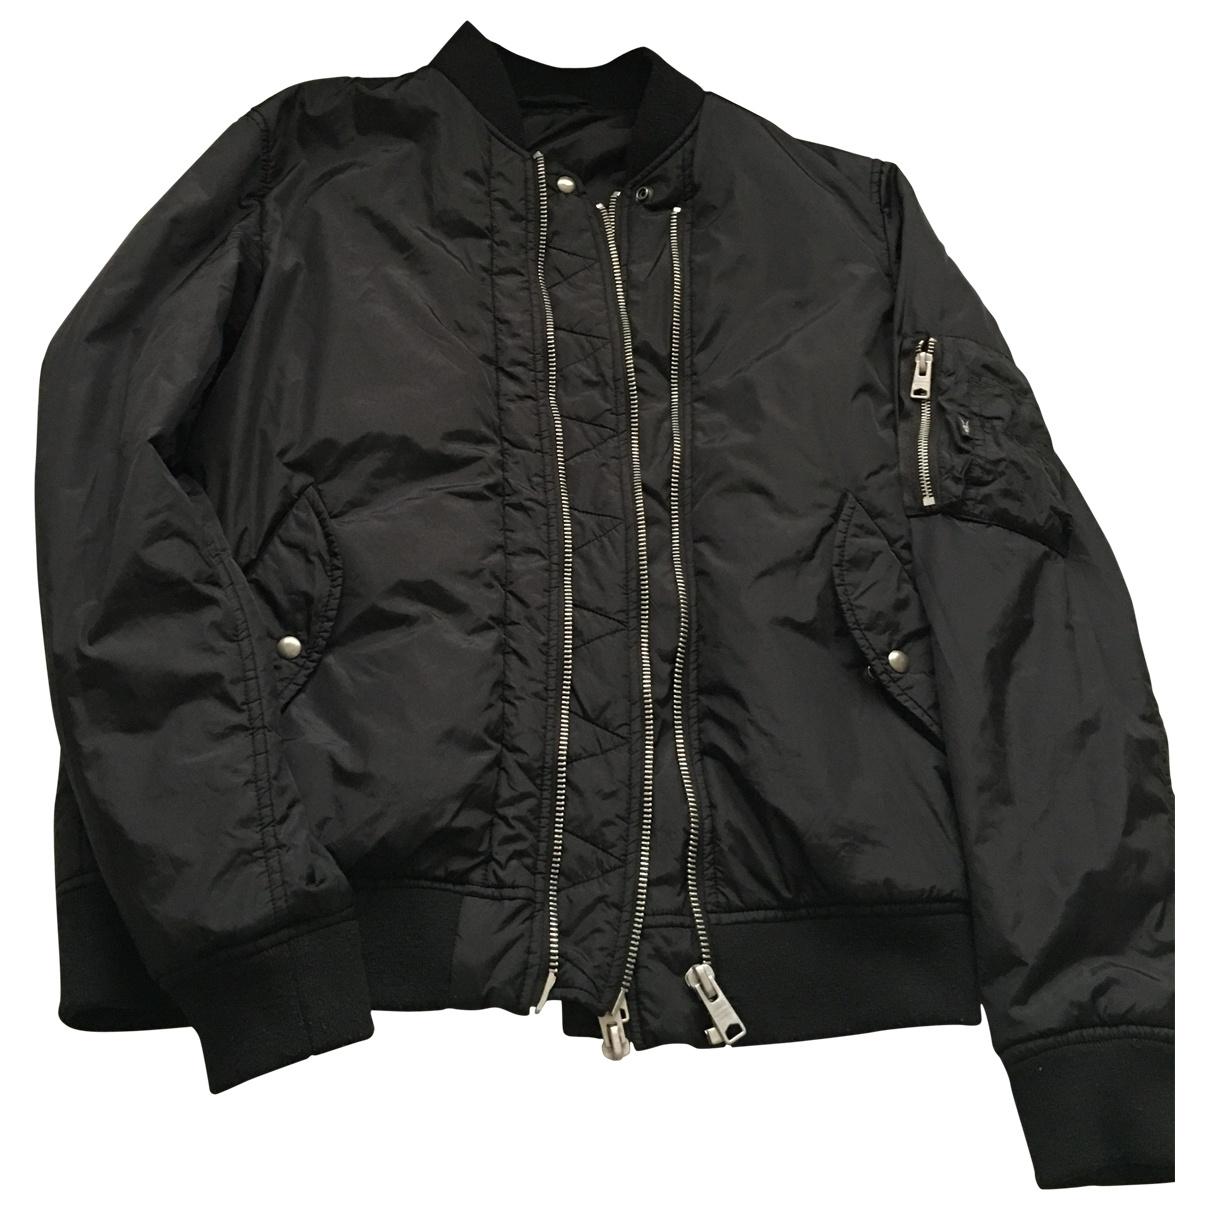 All Saints \N Black jacket  for Men 38 UK - US